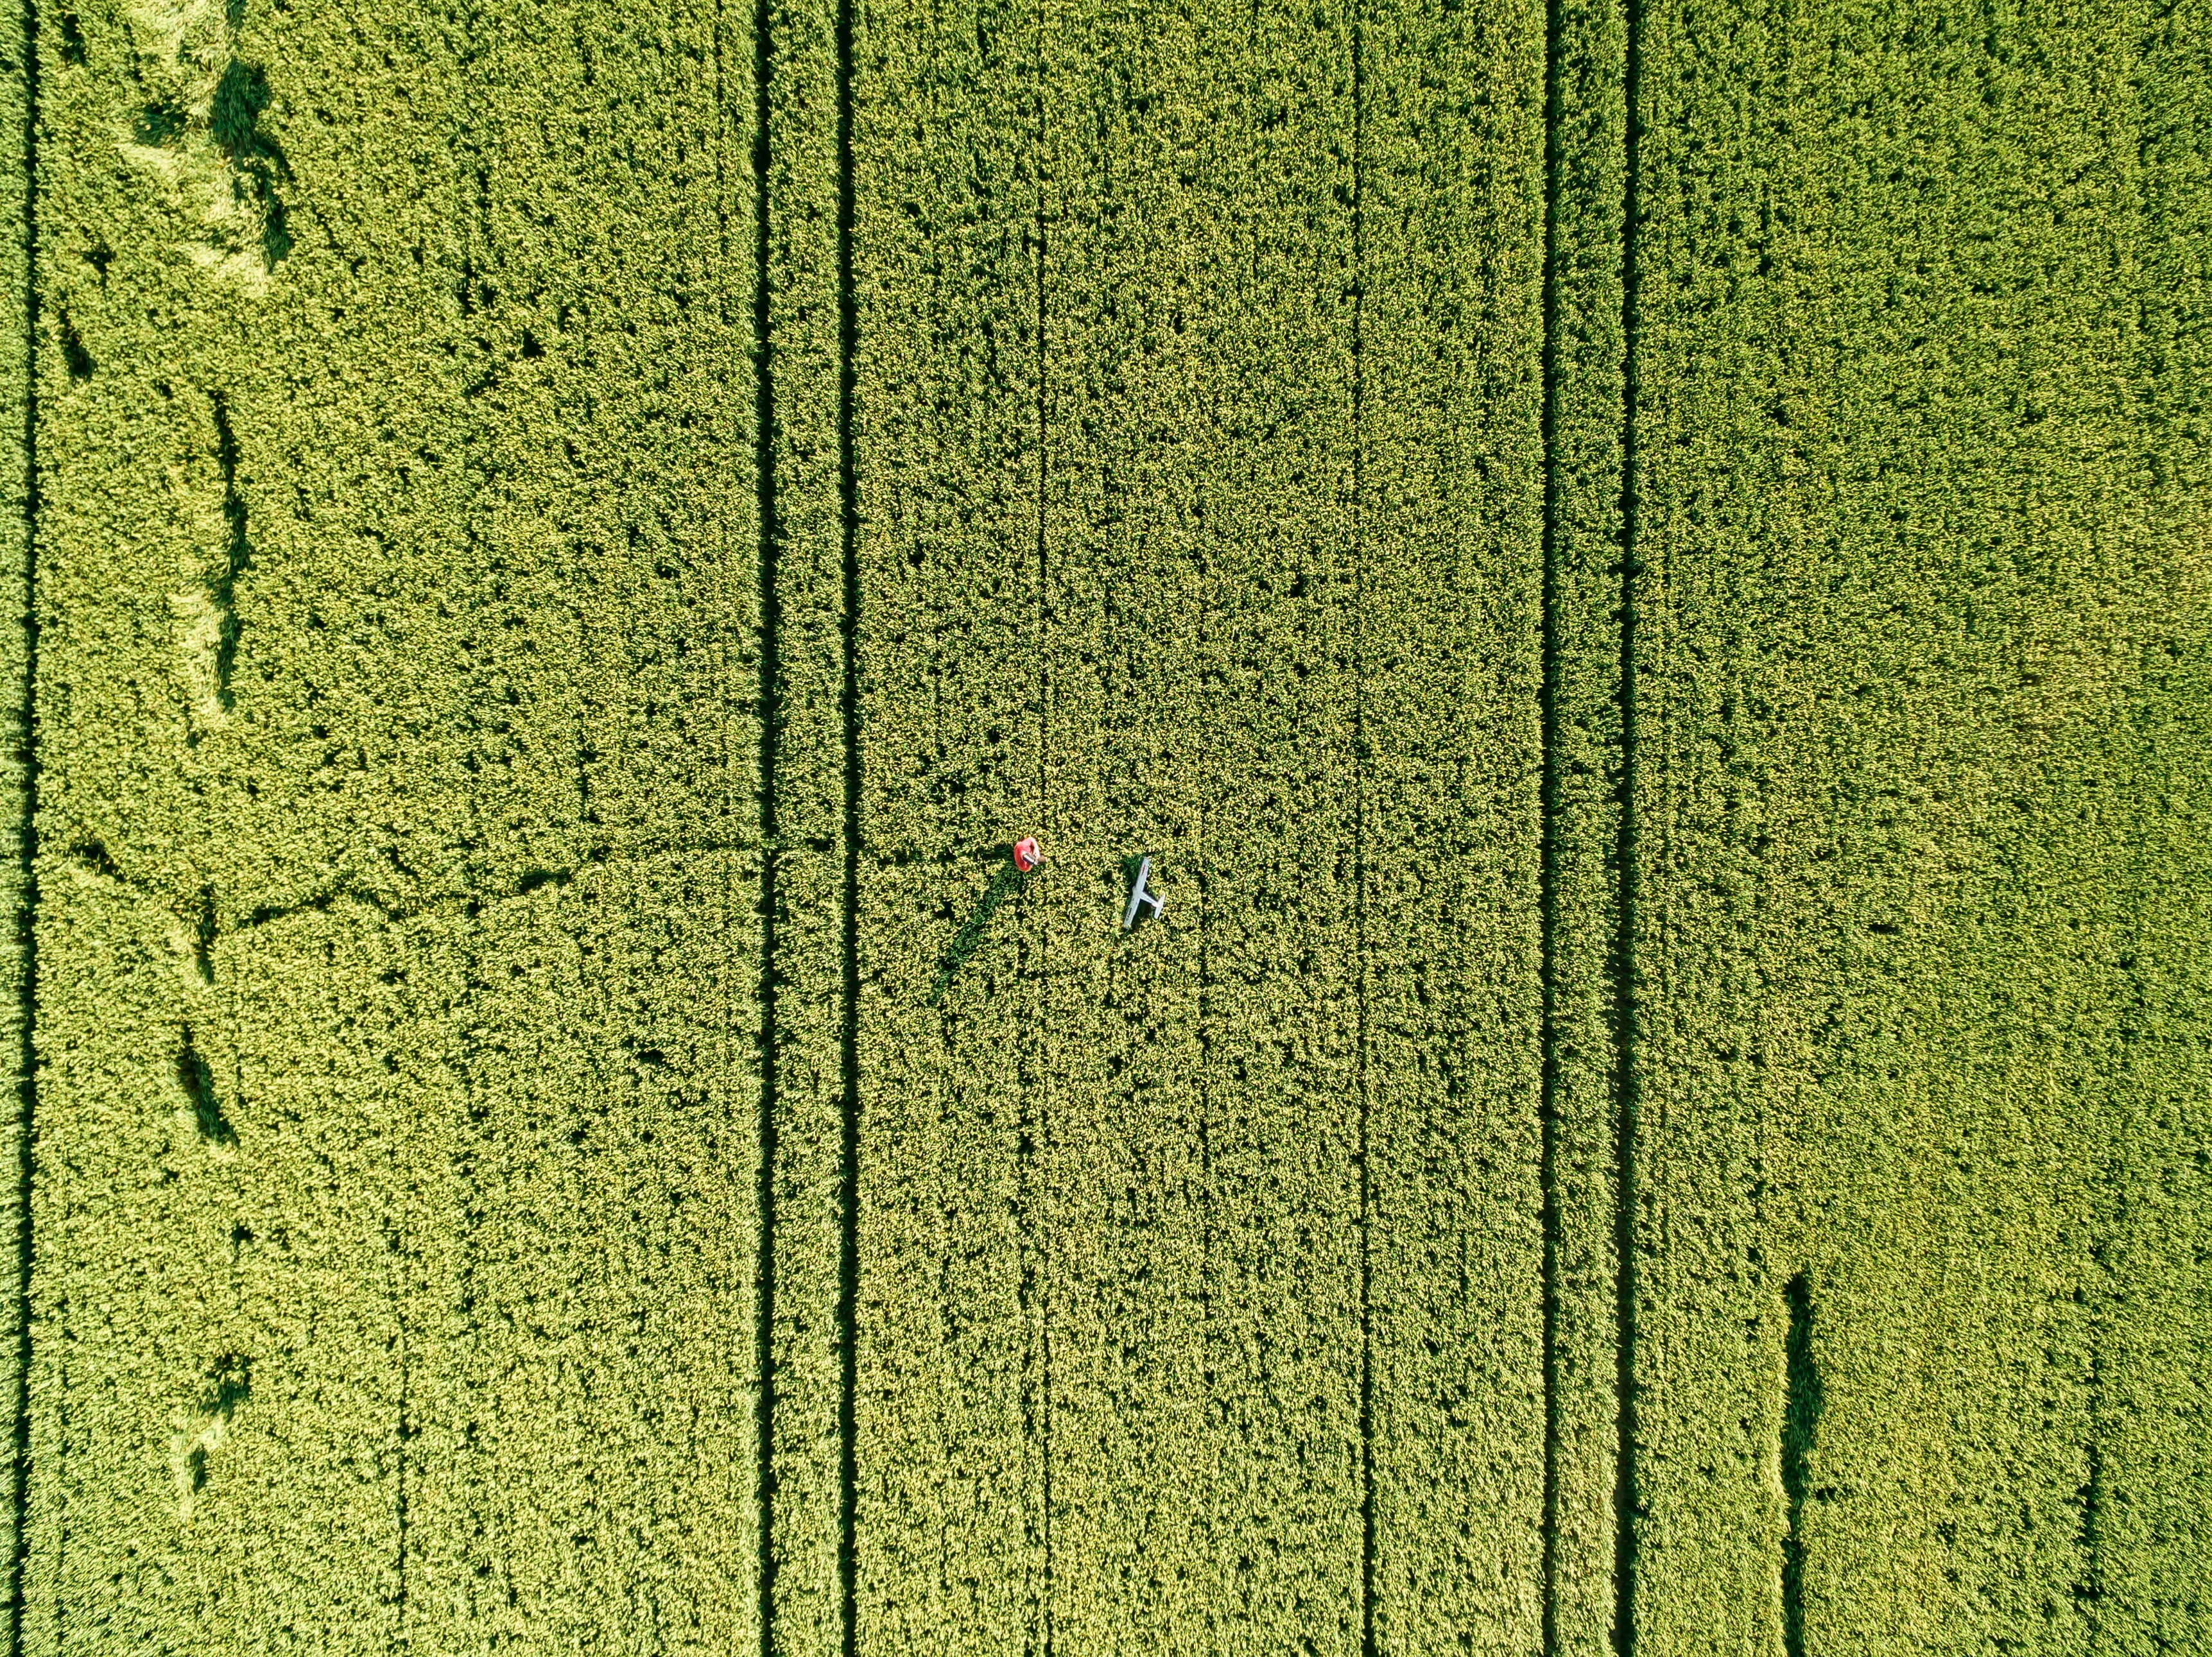 imagem feita por drone - mapeamento